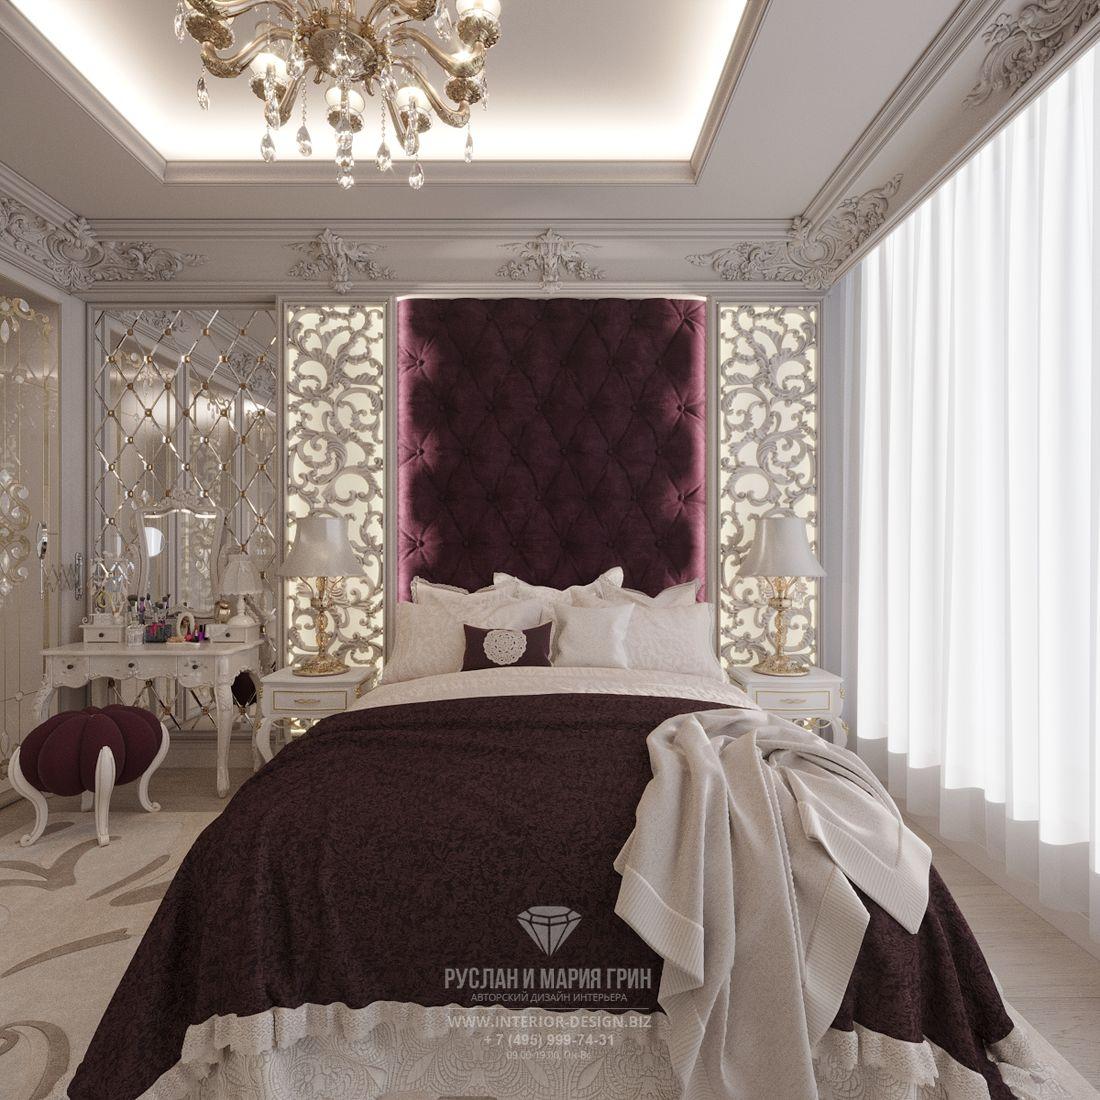 Дизайн классической белой спальни с бордовыми акцентами